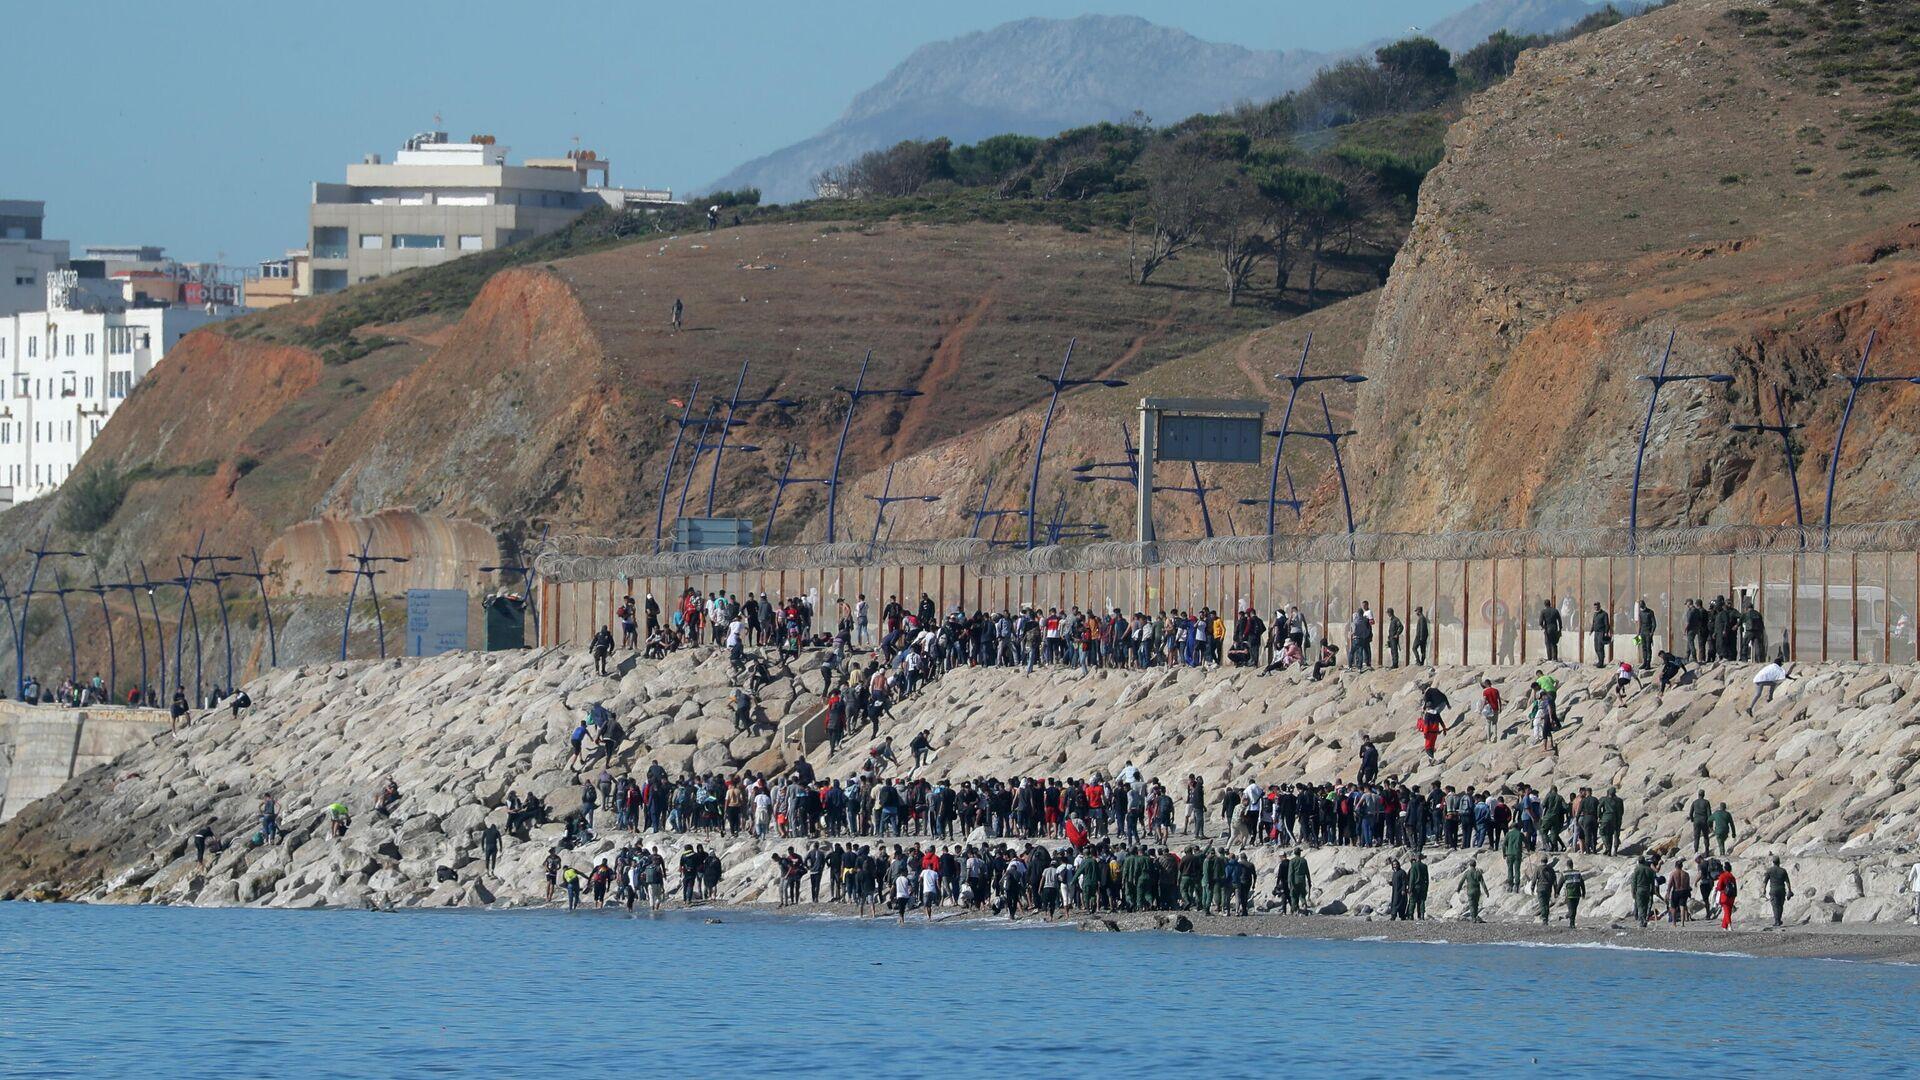 Migrantes marroquíes en la frontera con España - Sputnik Mundo, 1920, 07.06.2021